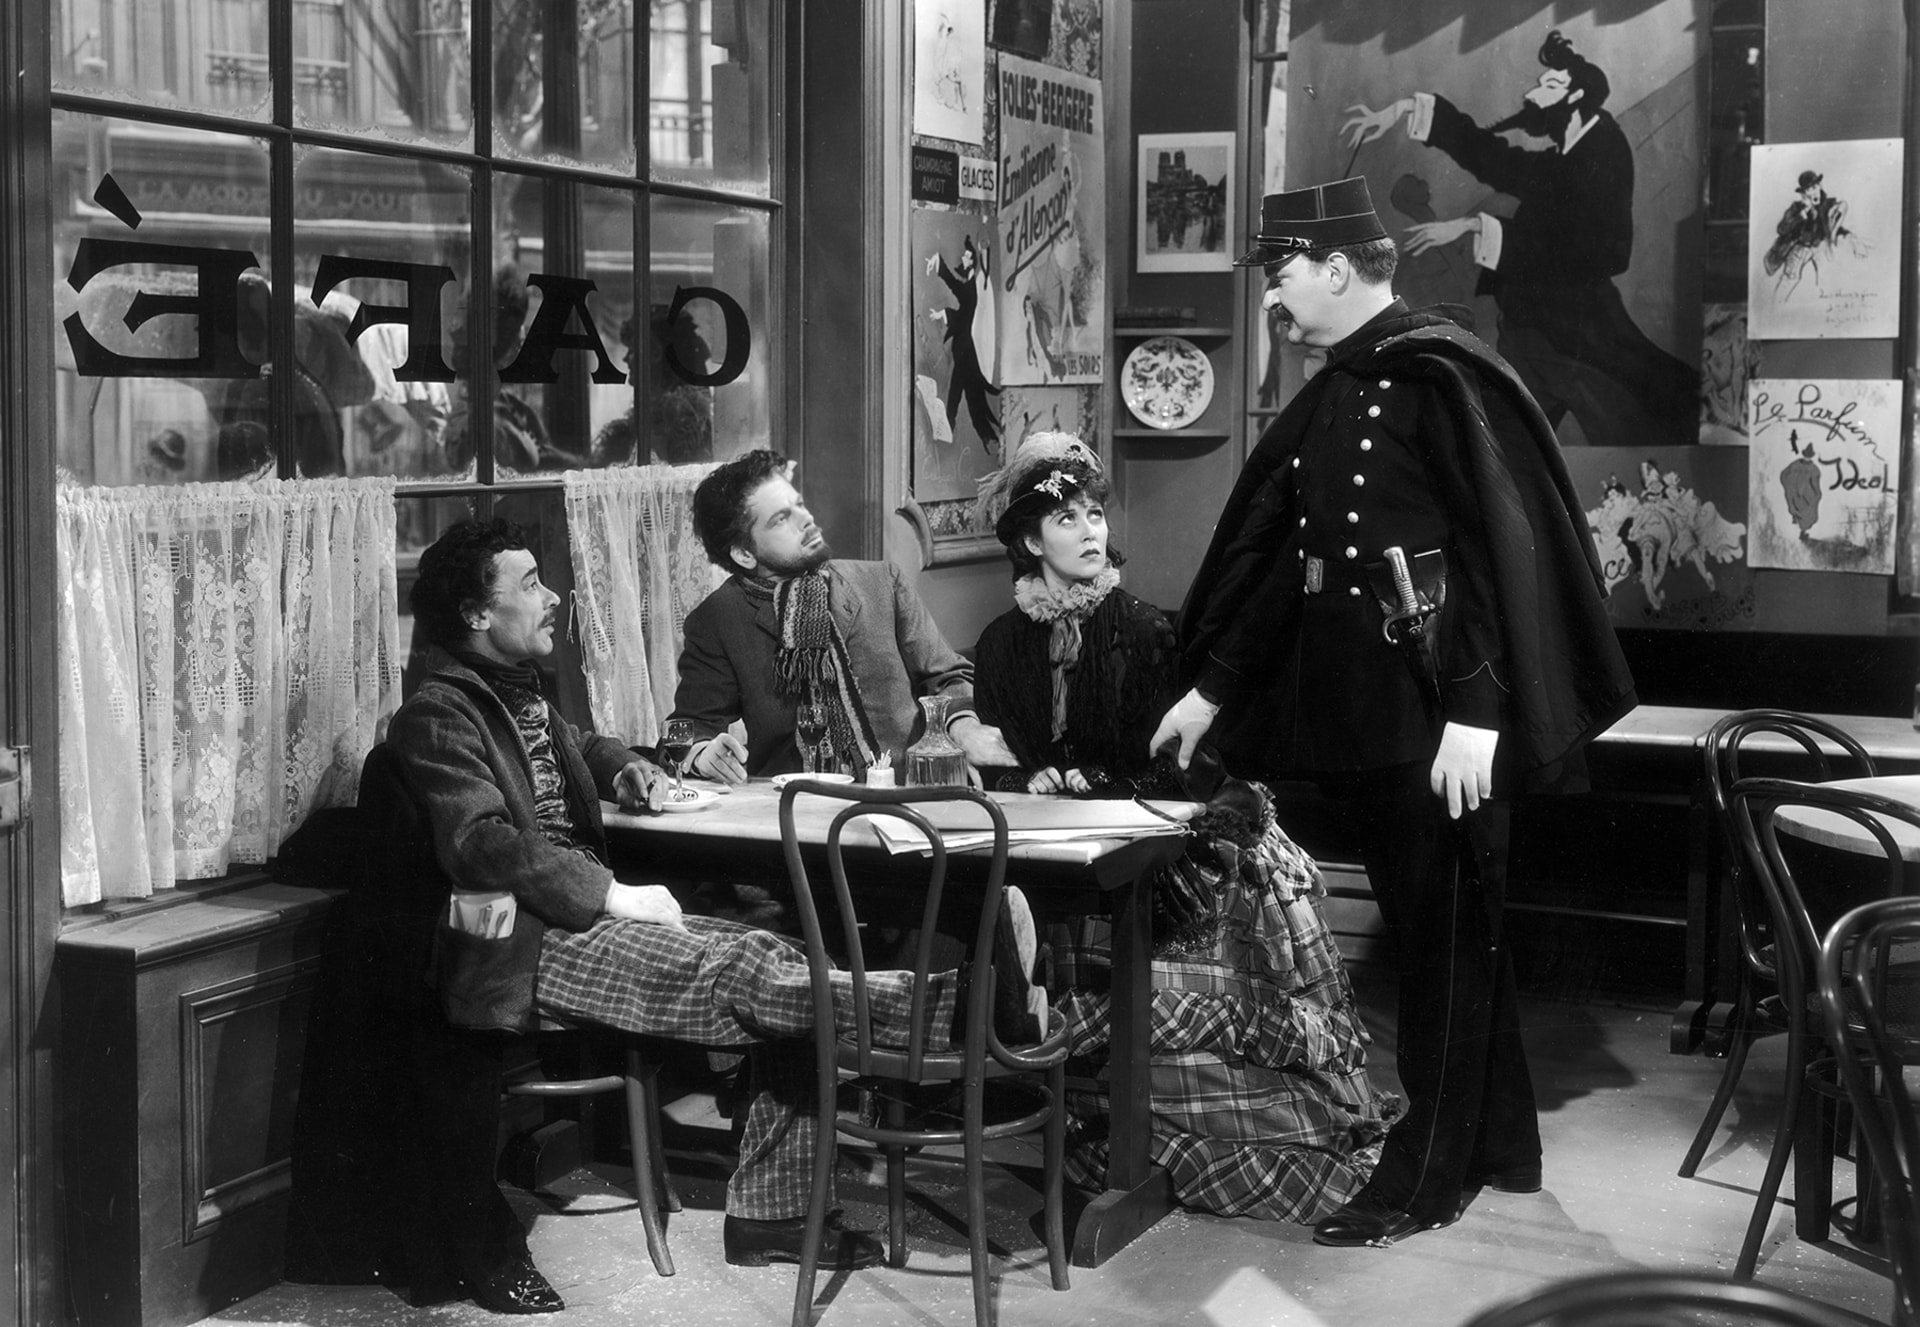 The Life of Emile Zola - Image 19